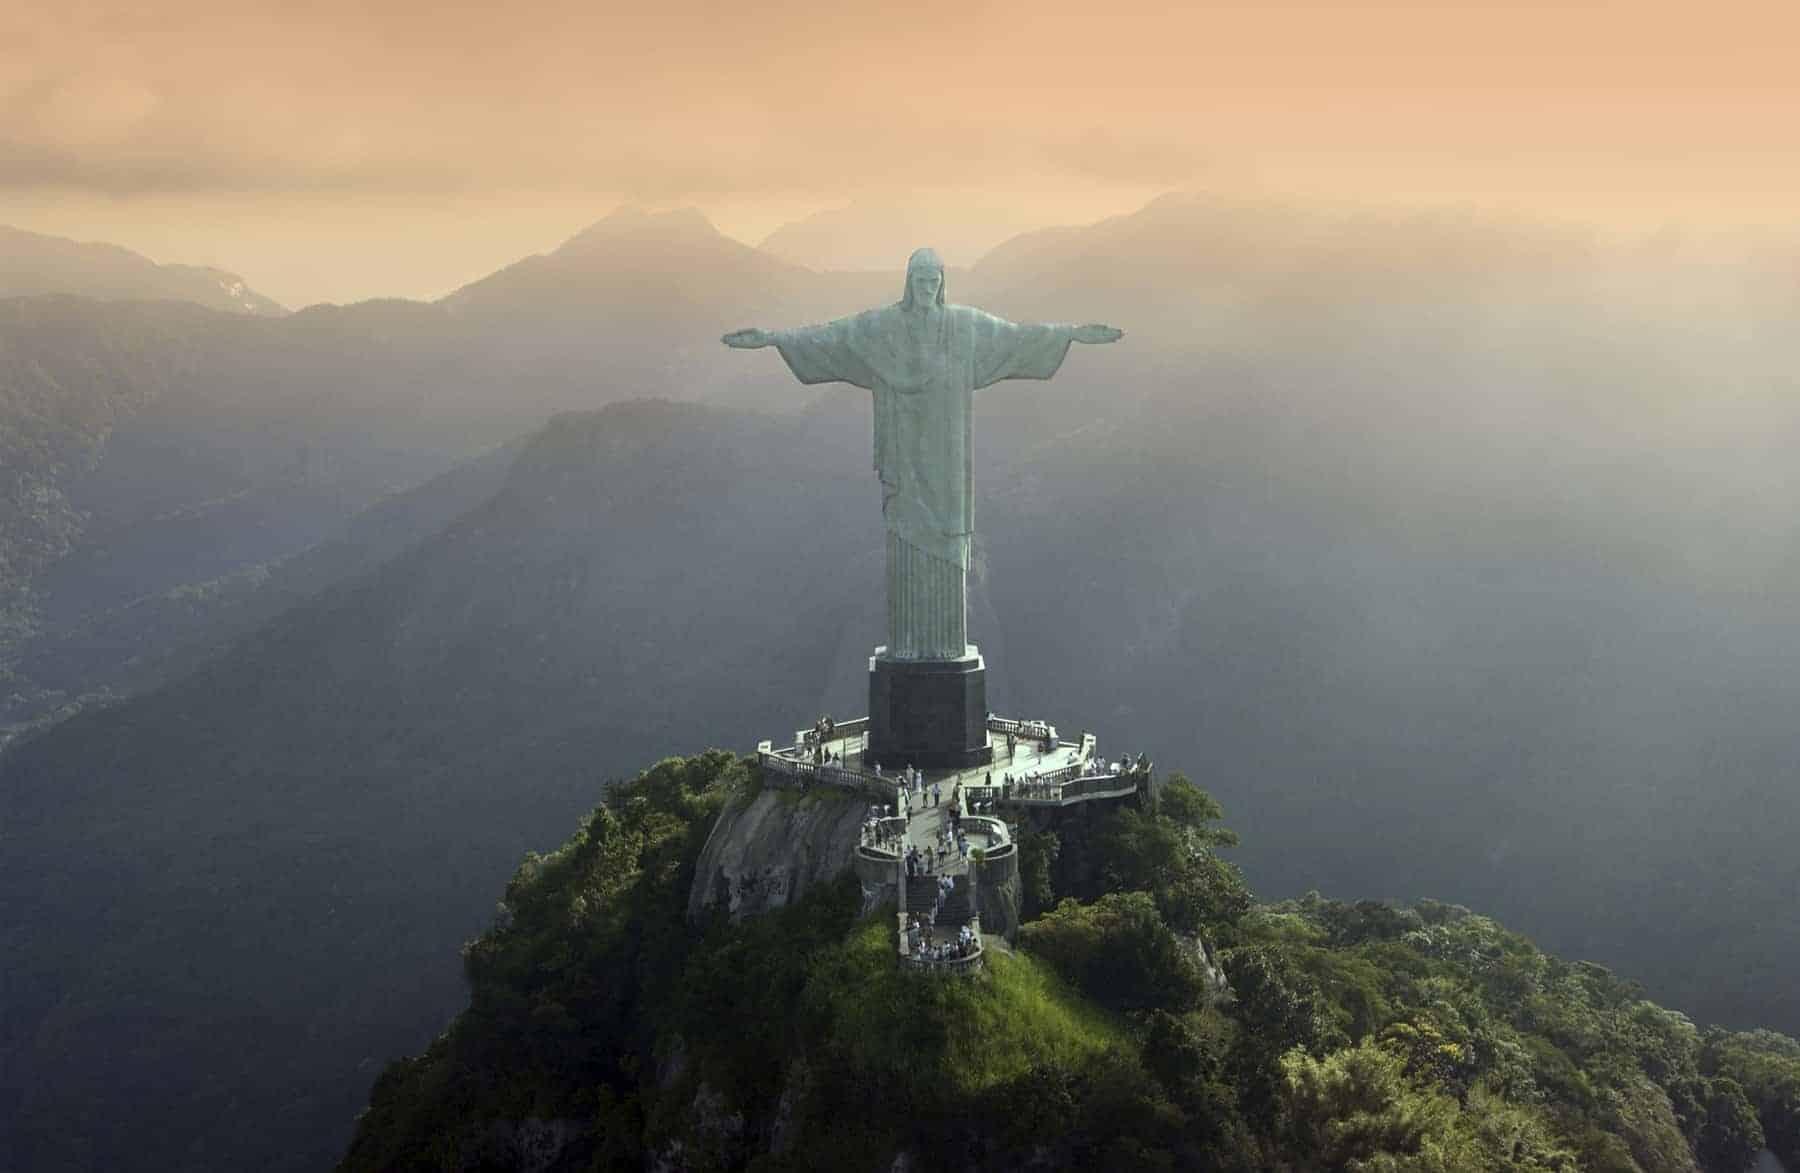 Christ the Redeemer in Rio De Janeiro - Brazil